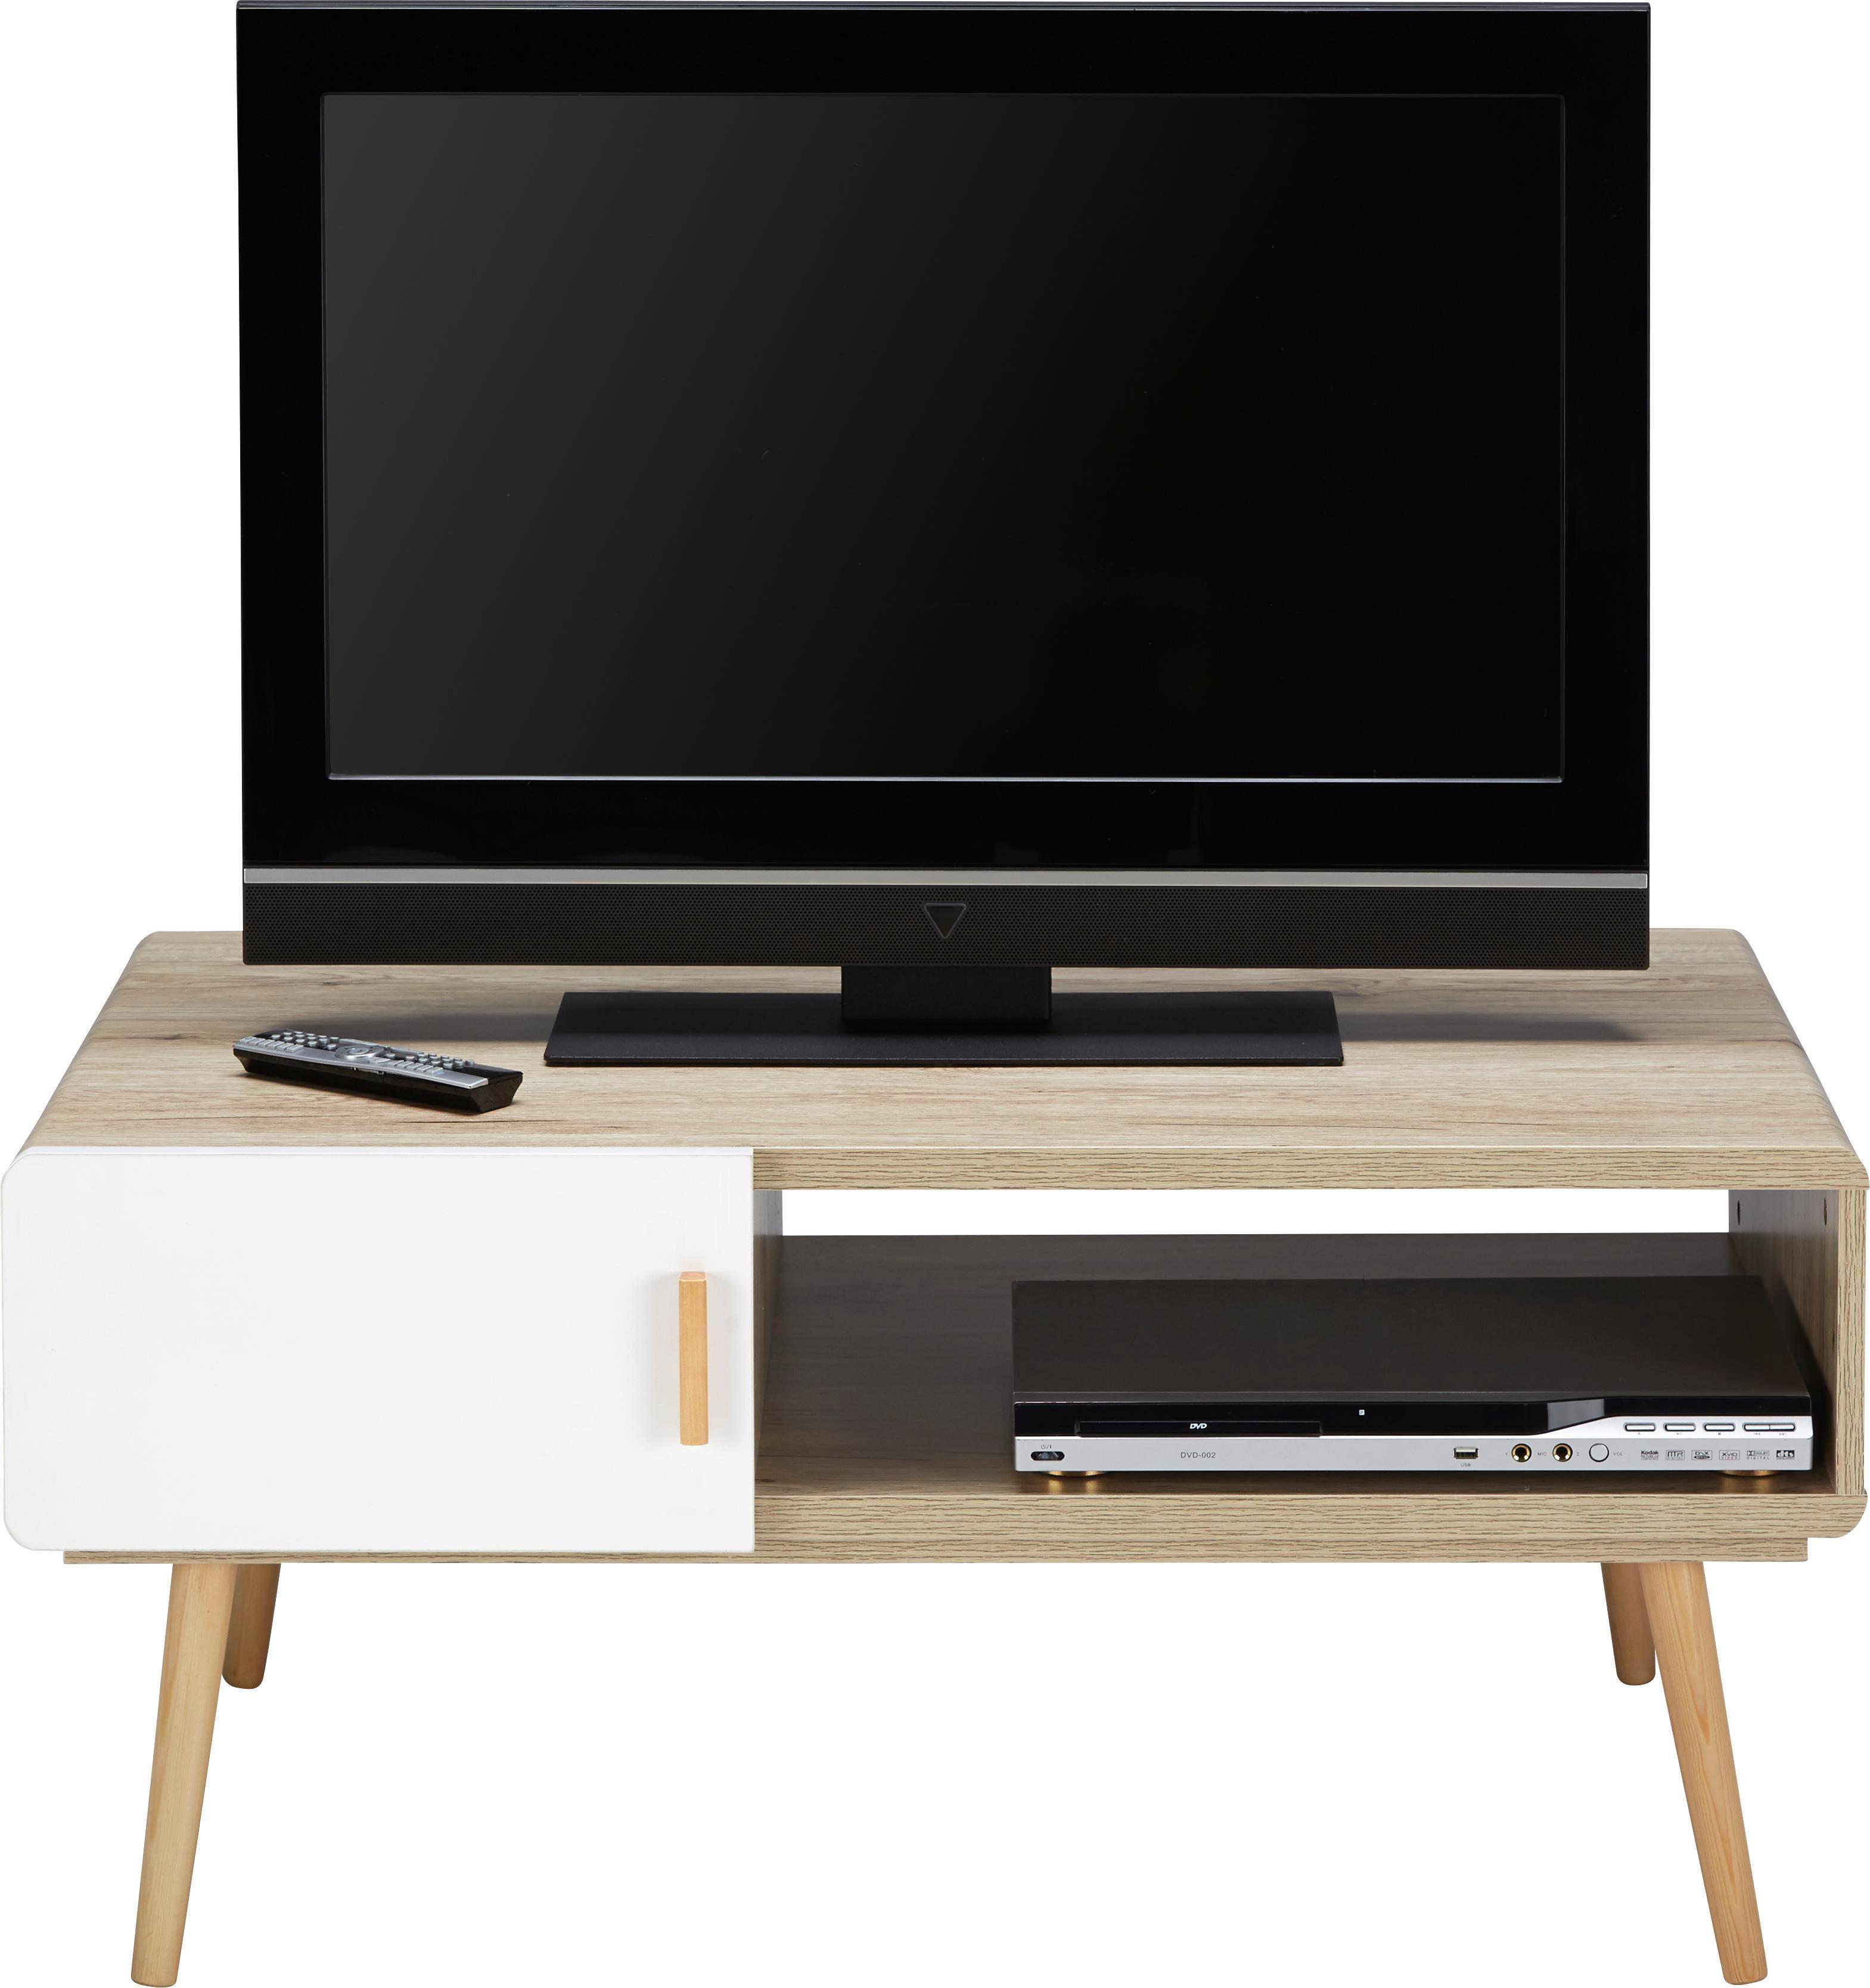 Mömax Badezimmer Schrank: TV-möbel Claire Online Kaufen Mömax